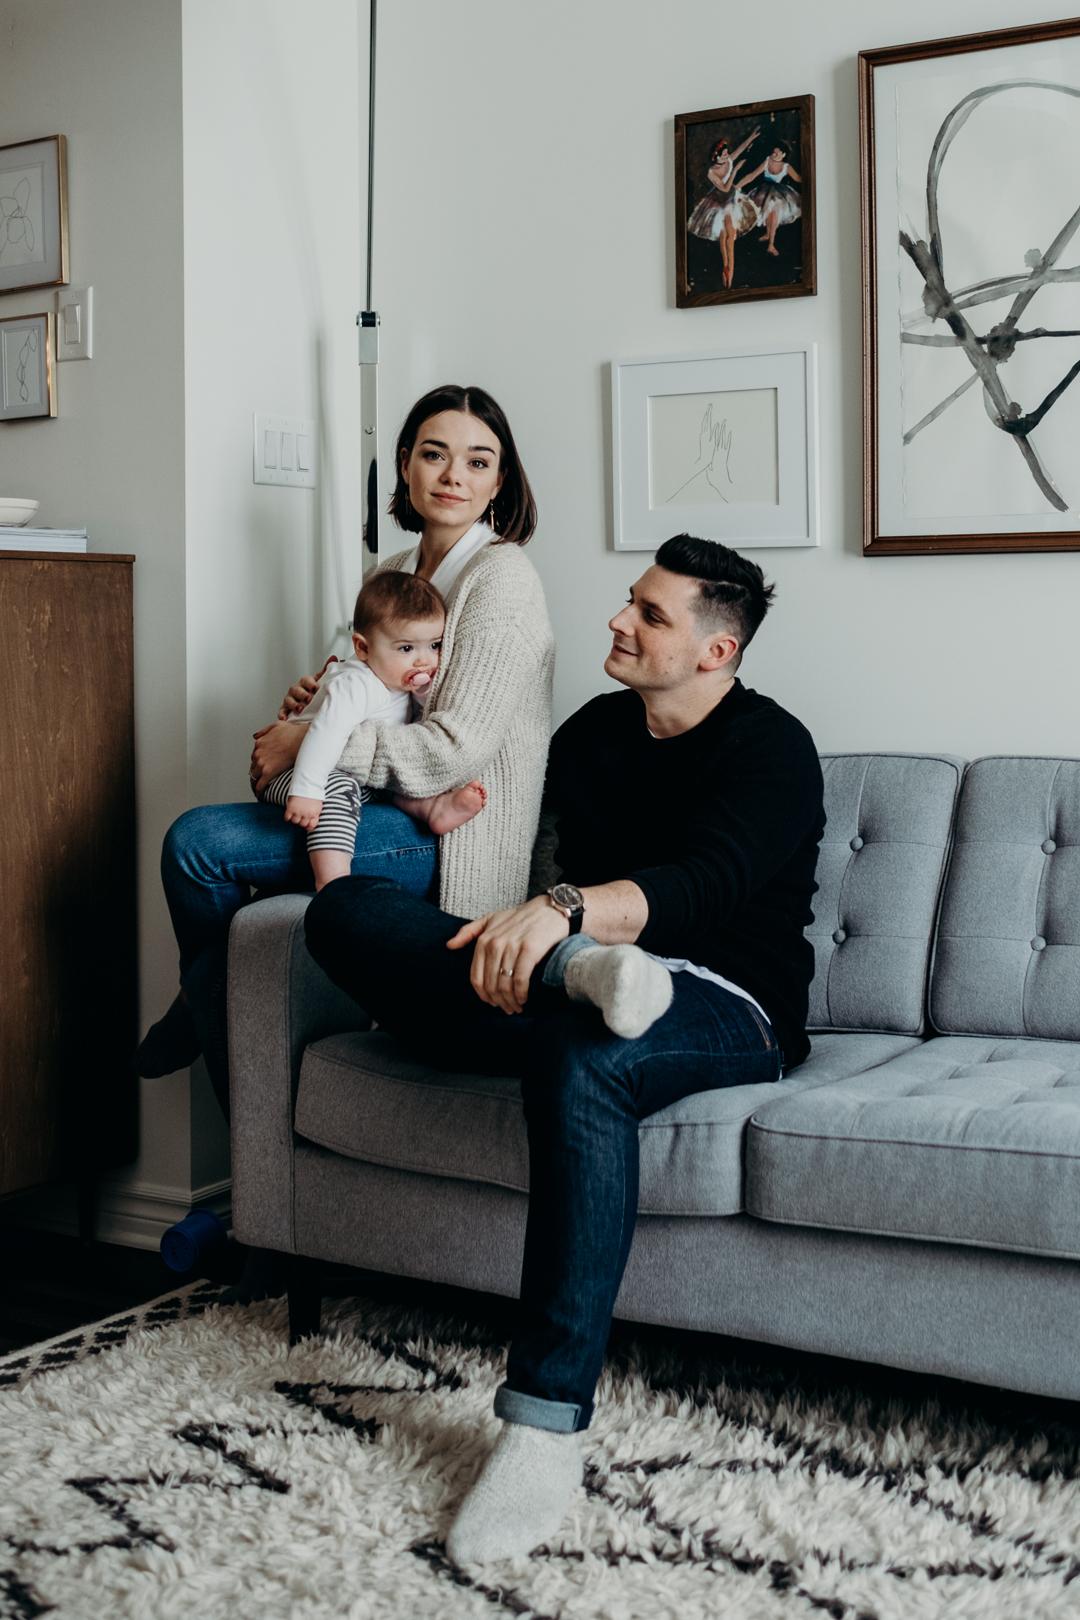 20171222_Ottawa Ontario Canada Lifestlyle Family Photos _38.jpg